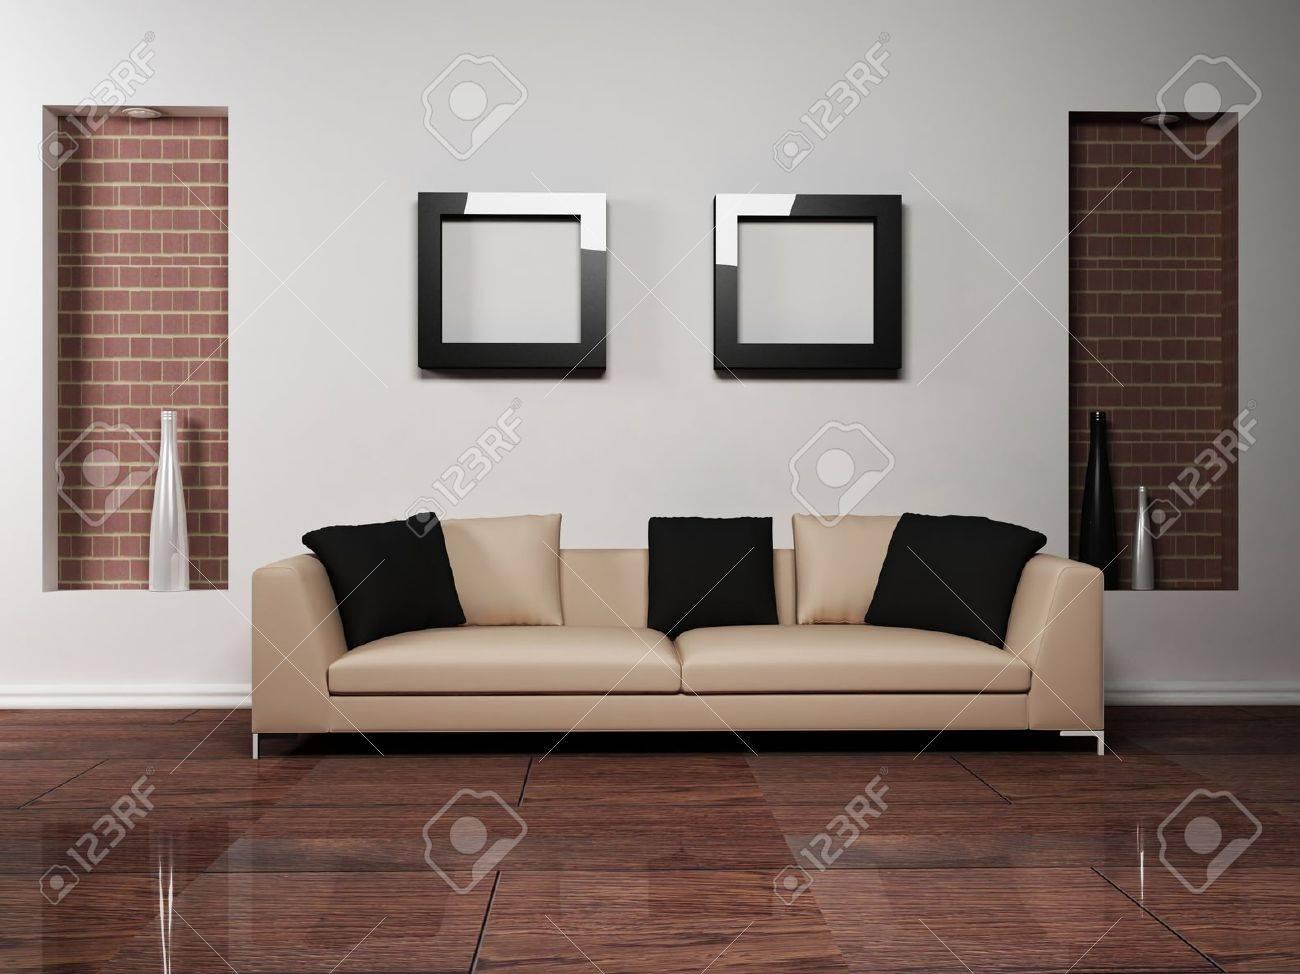 Moderne Innenarchitektur Wohnzimmer Mit Einem Schönen Sofa Standard Bild    12696603